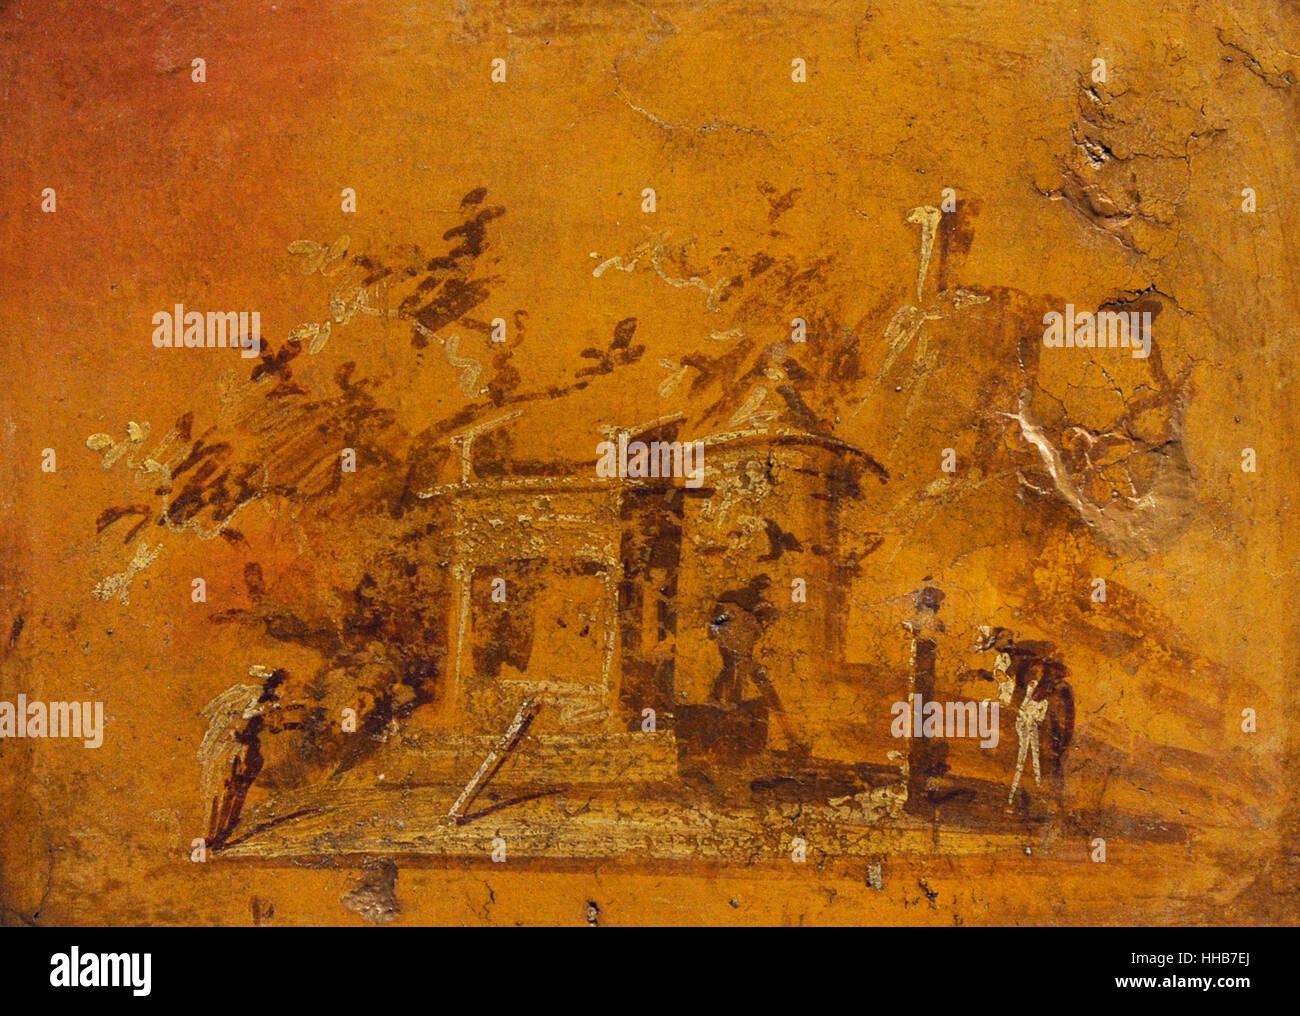 Fresque représentant un paysage monochrome. 50-79 AD. De la villa des Papyri, Herculanum. Musée Archéologique Photo Stock